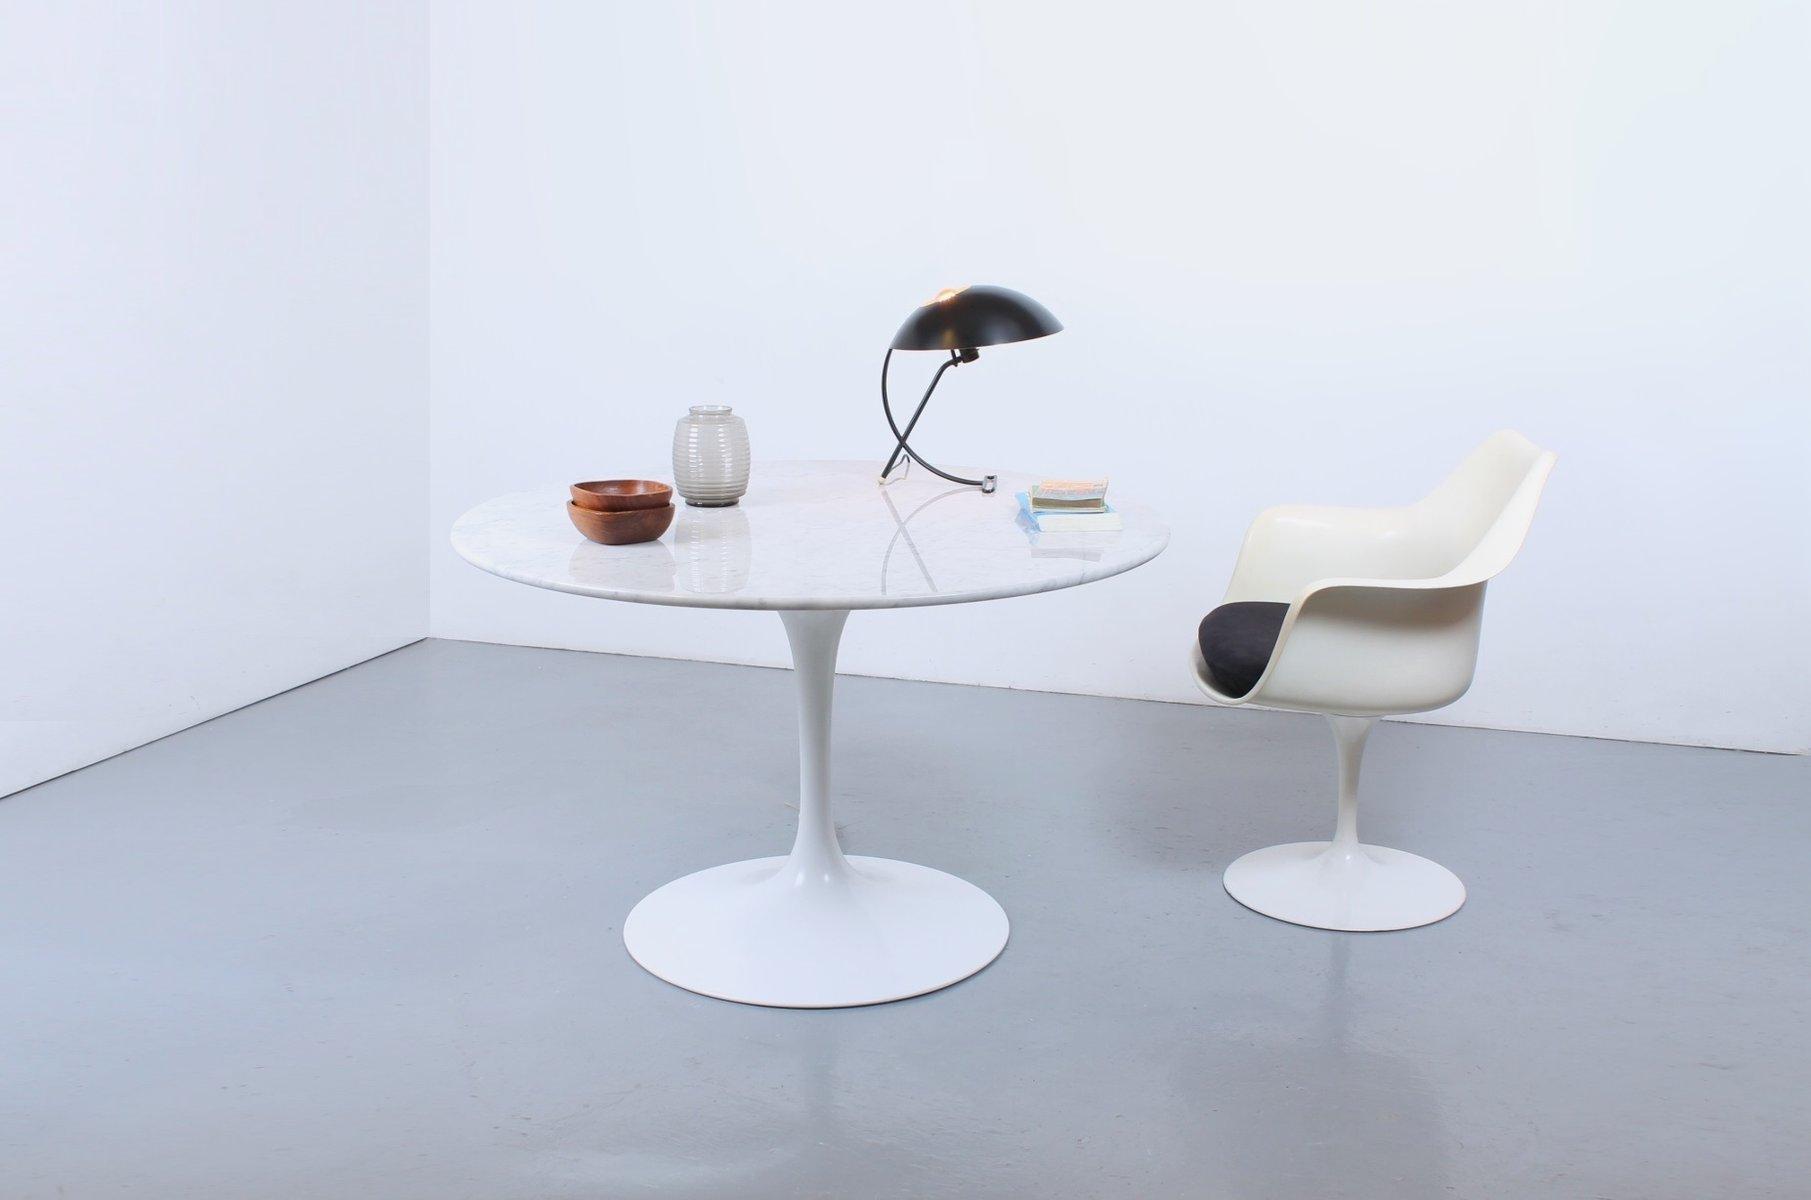 runder wei er tulip esstisch aus marmor von eero saarinen f r knoll 1960er bei pamono kaufen. Black Bedroom Furniture Sets. Home Design Ideas